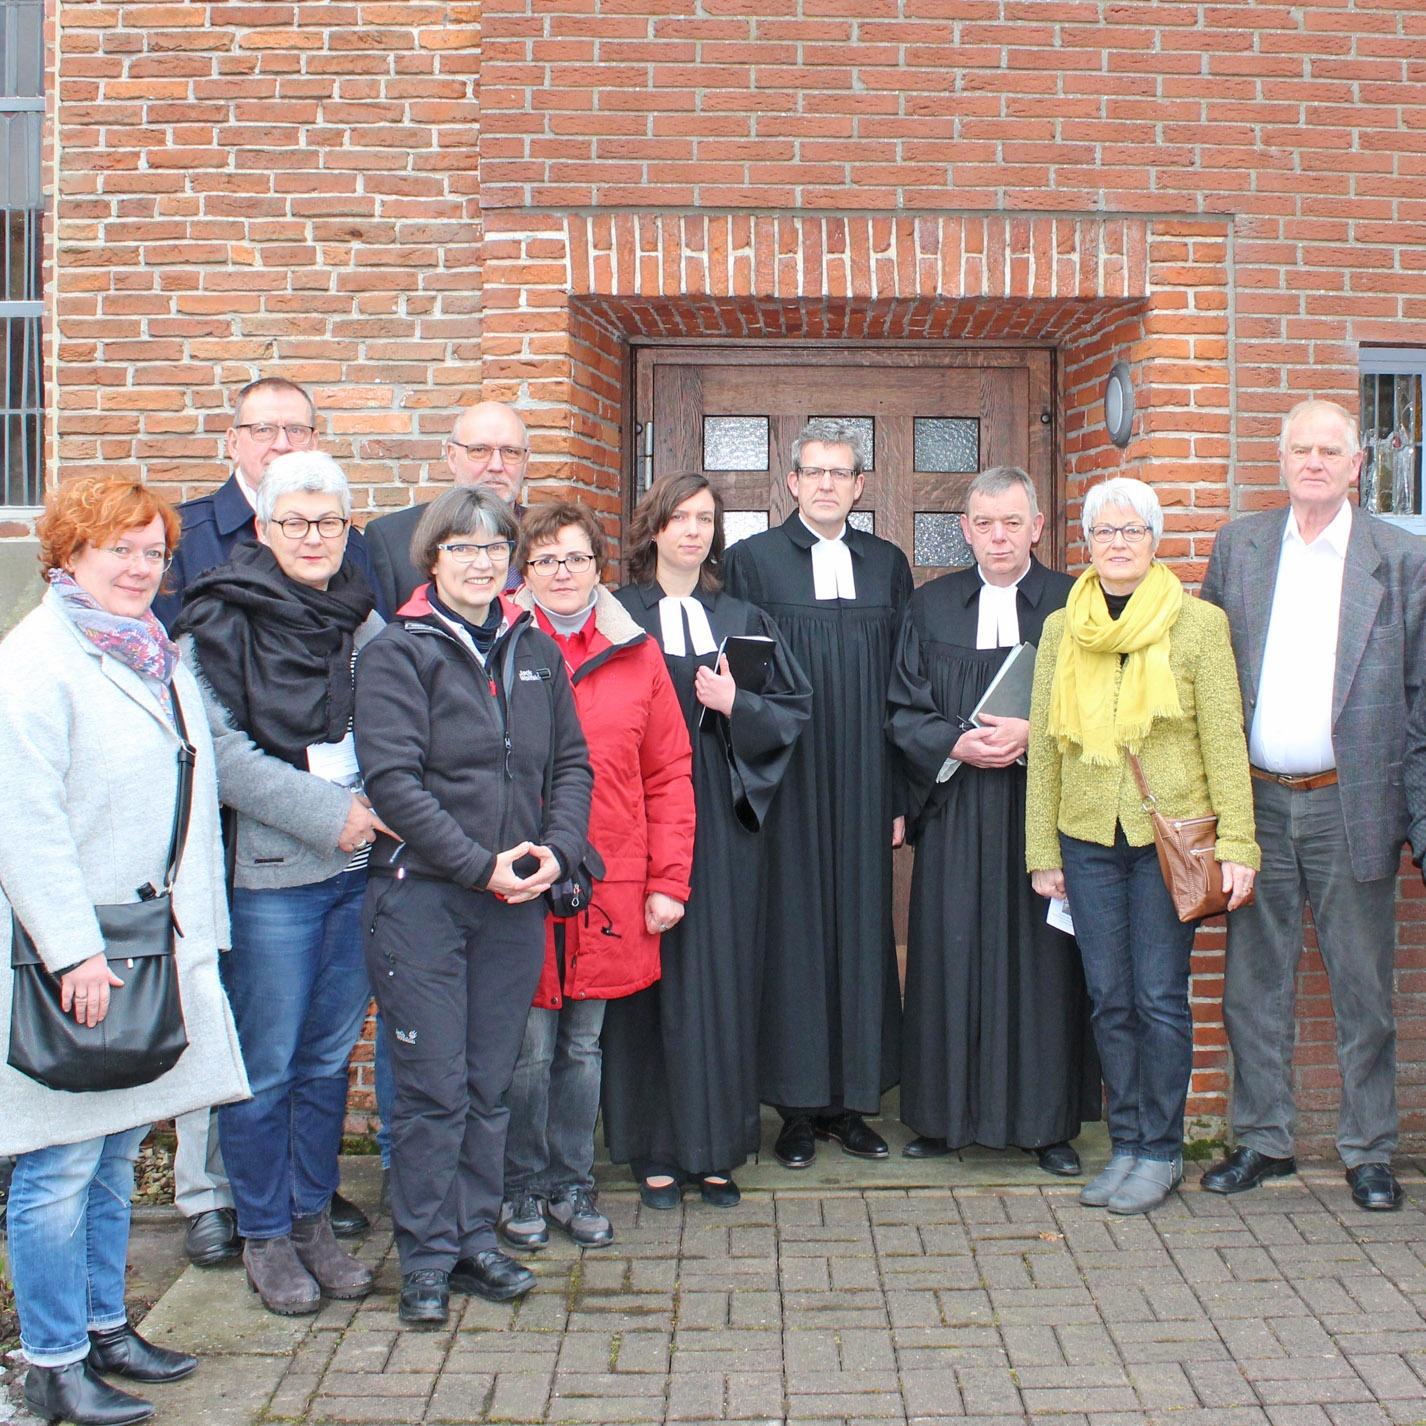 Kompromiss: Gottesdienste zukünftig im Gemeindezentrum nebenan Evangelische Kirche Willebadessen entwidmet